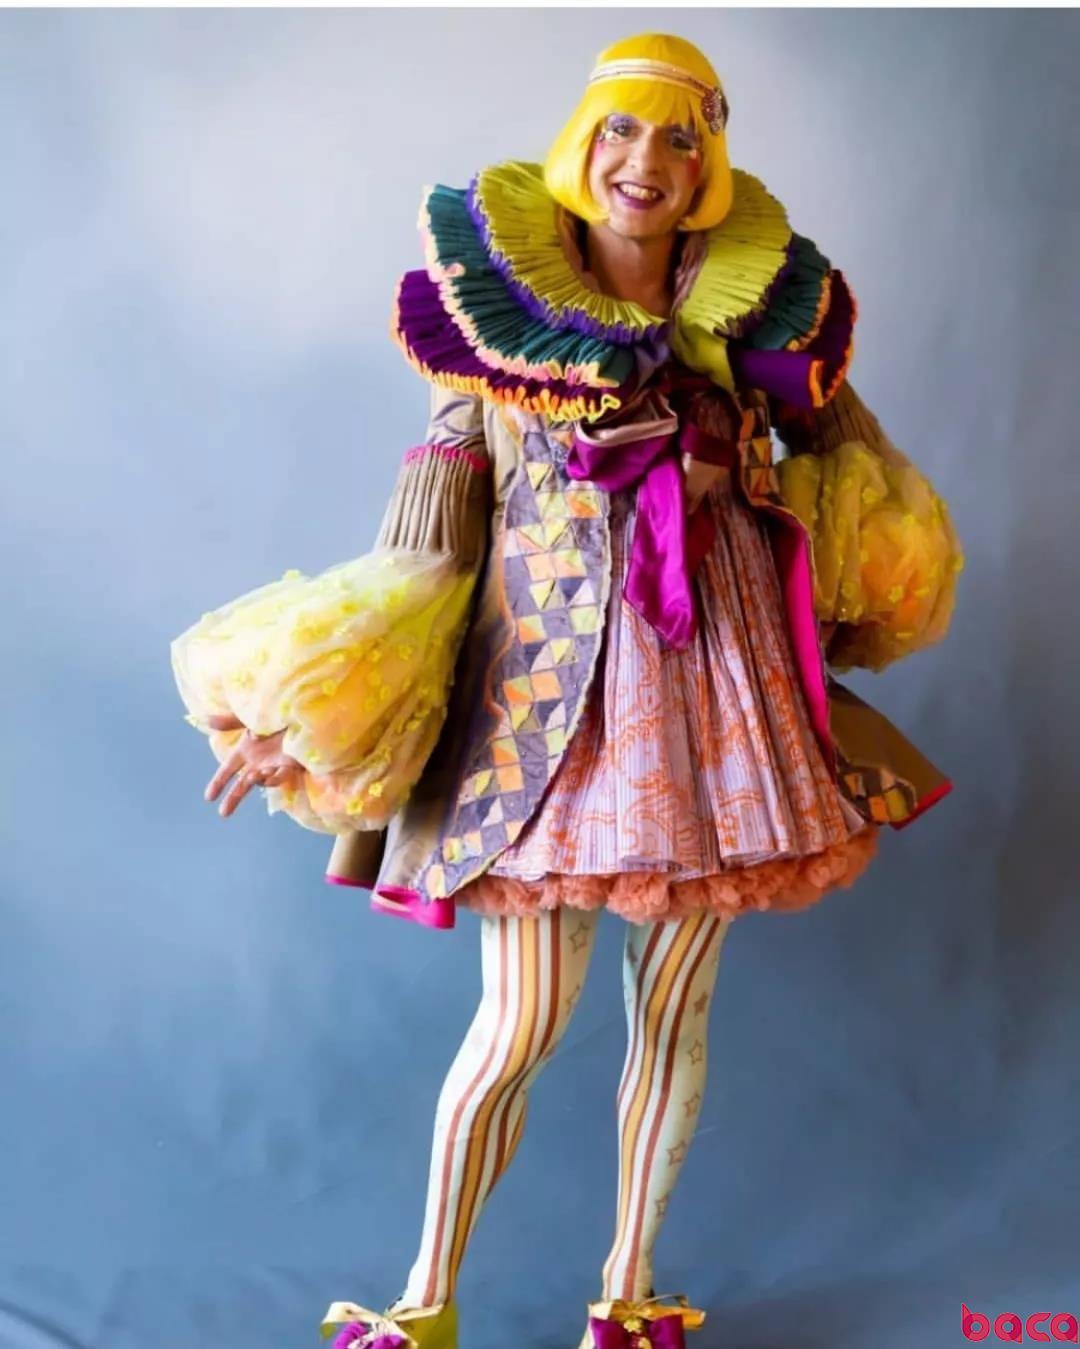 跨性别LGBT 伦敦时装学院表演服装设计